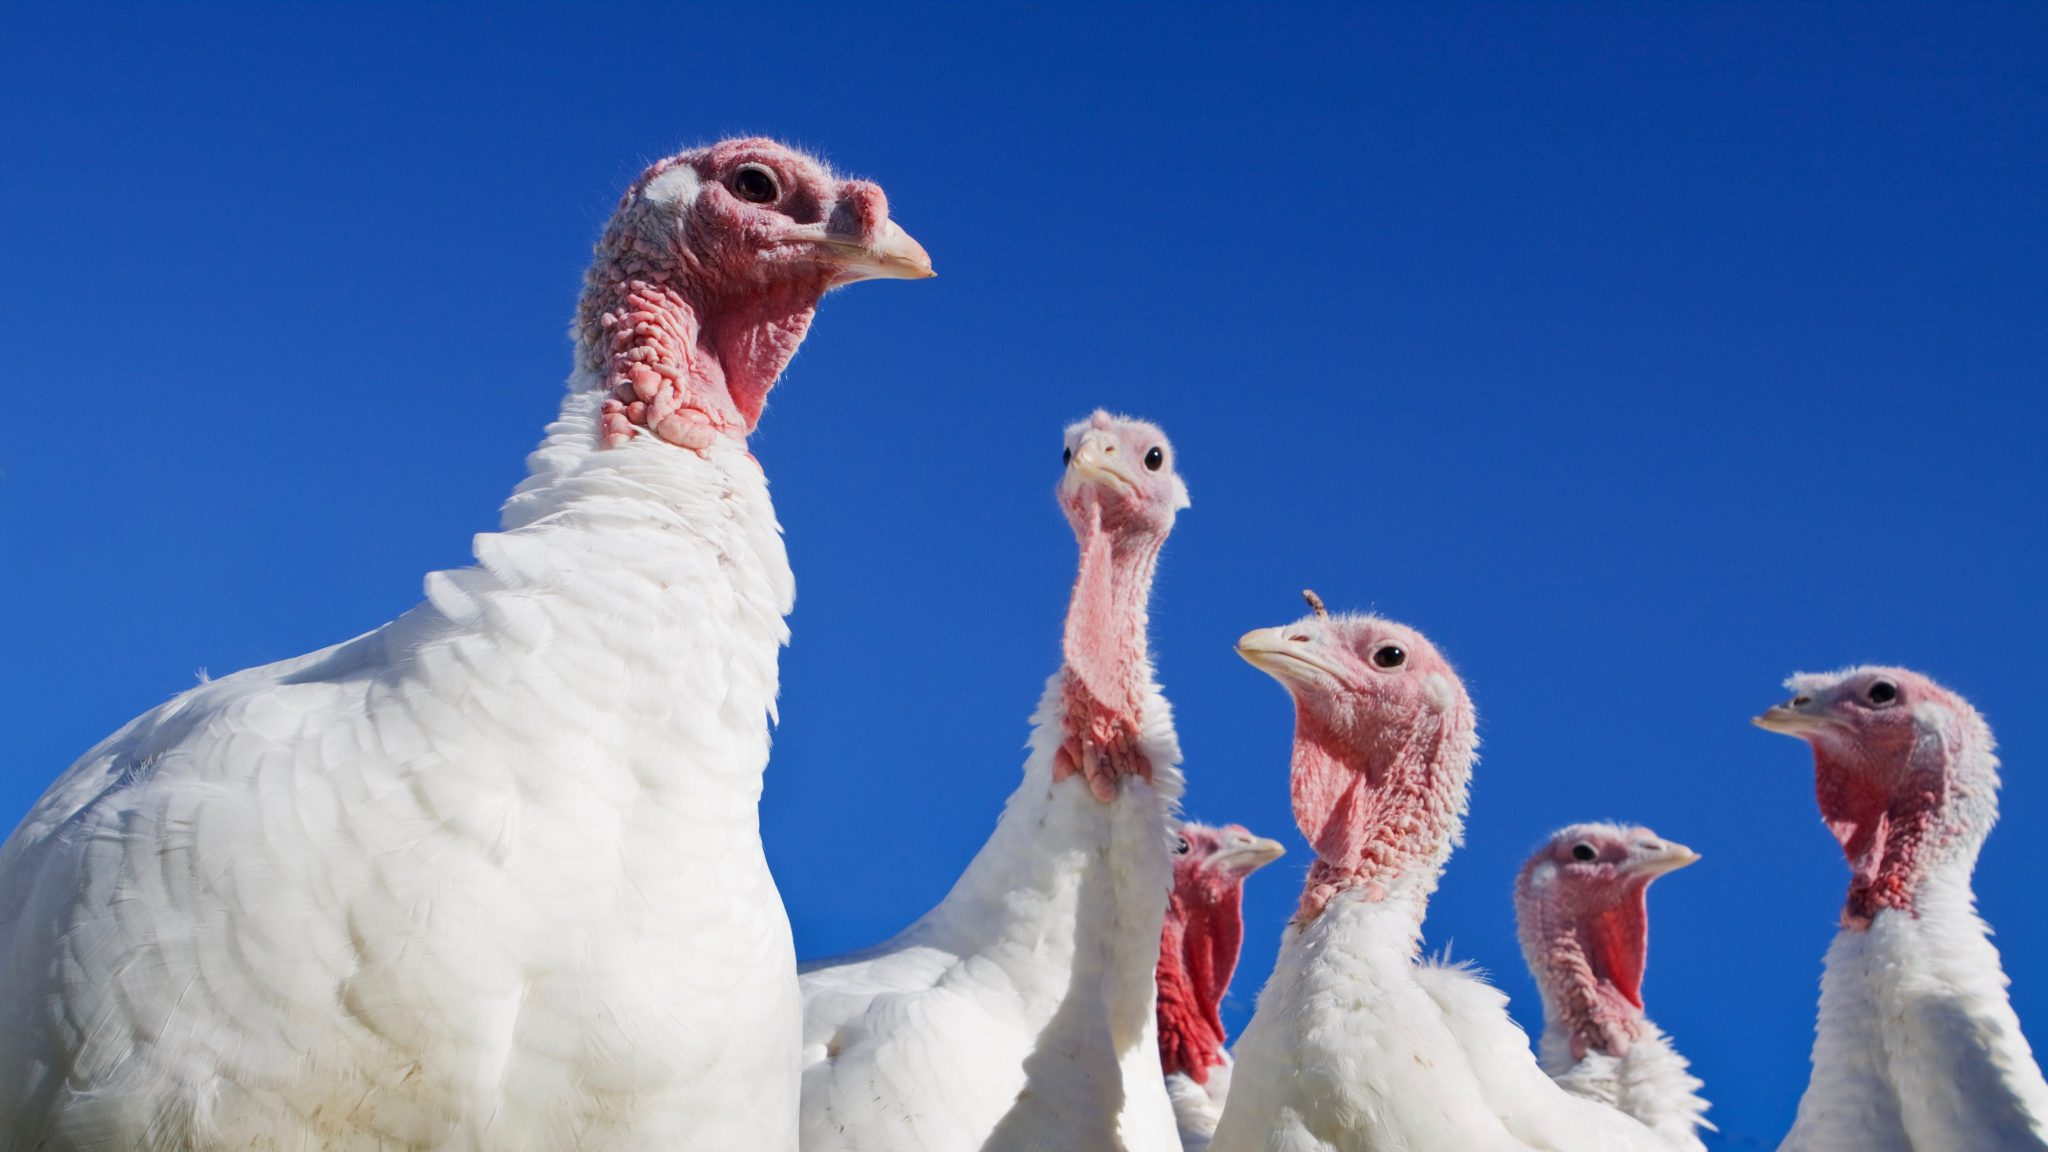 Six turkeys against a blue sky